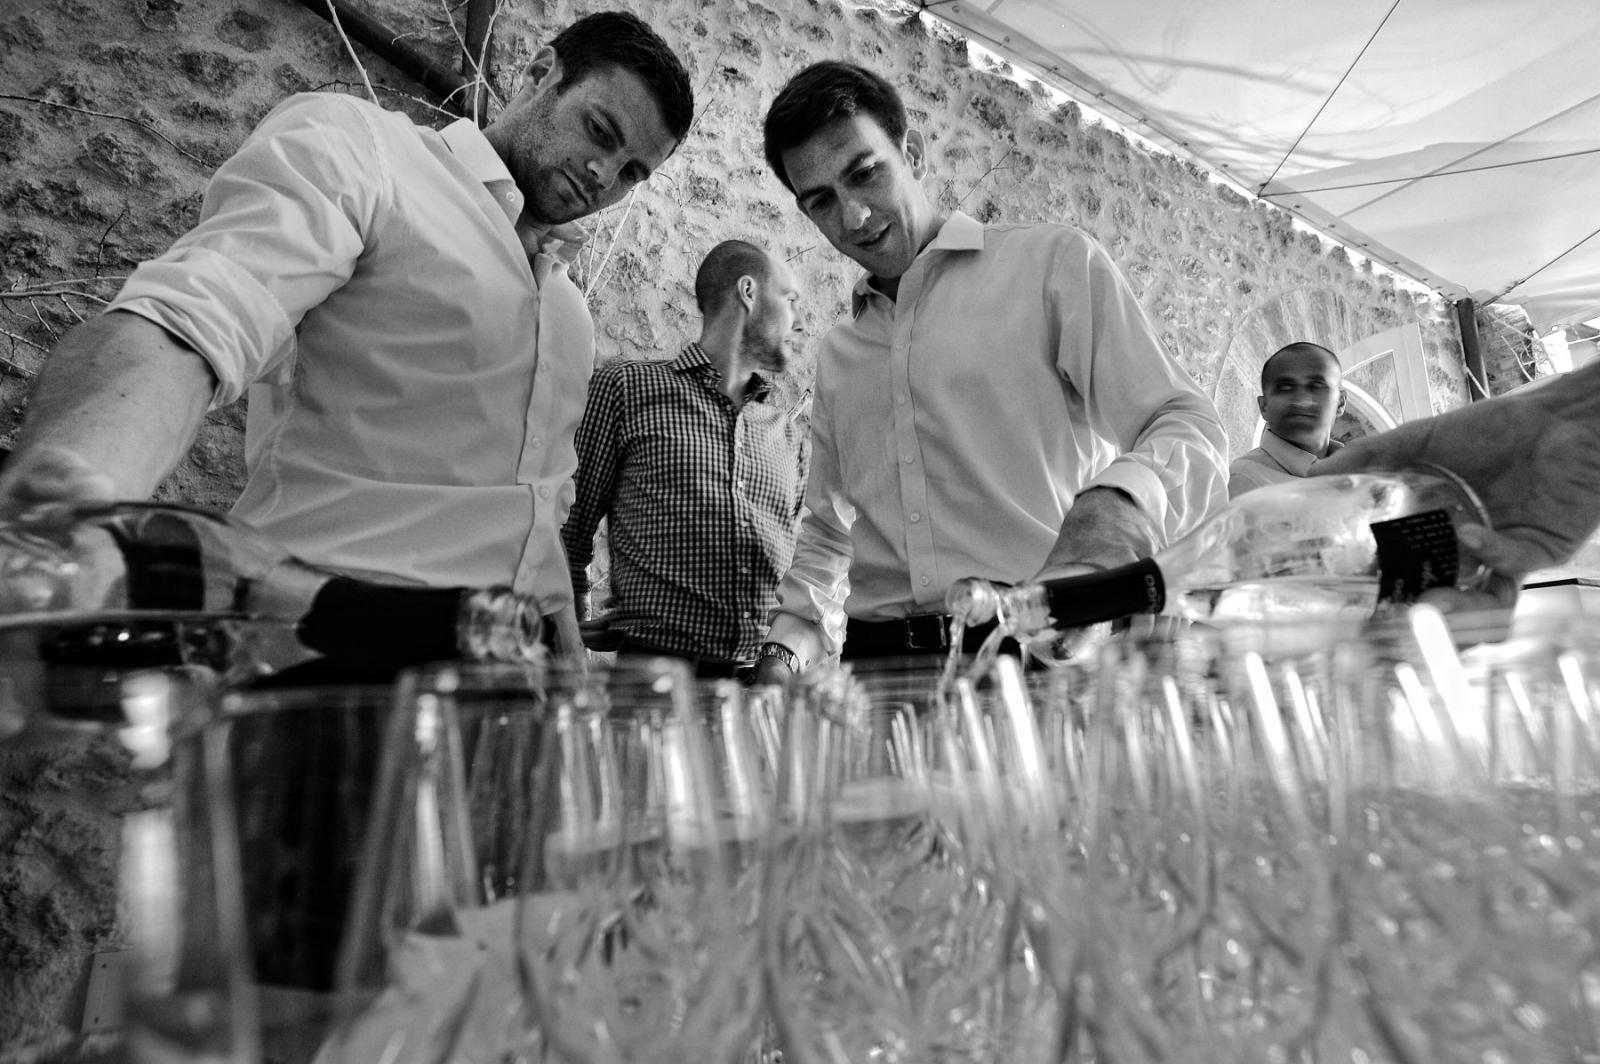 Nella tradizione anglosassone si beve un pochino - 'Just a bit' Prosecco